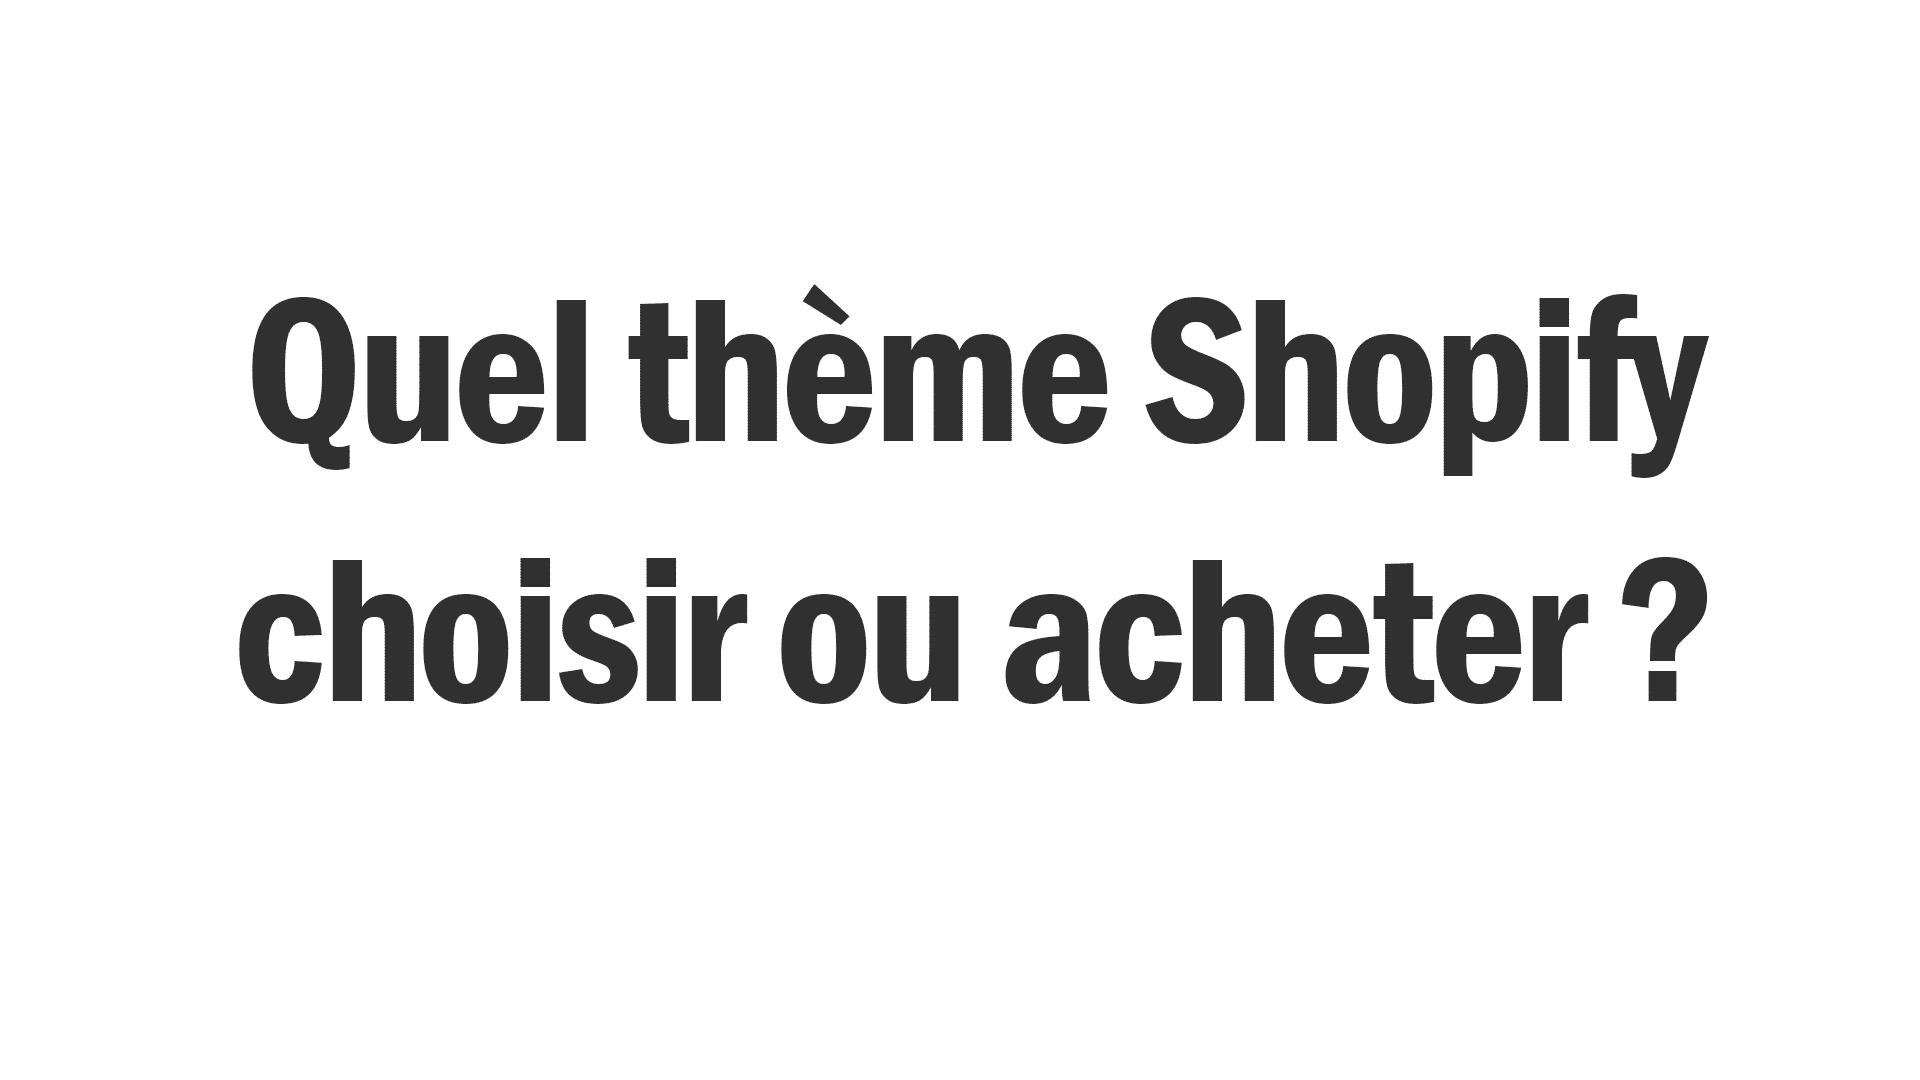 Quel thème shopify choisir ?